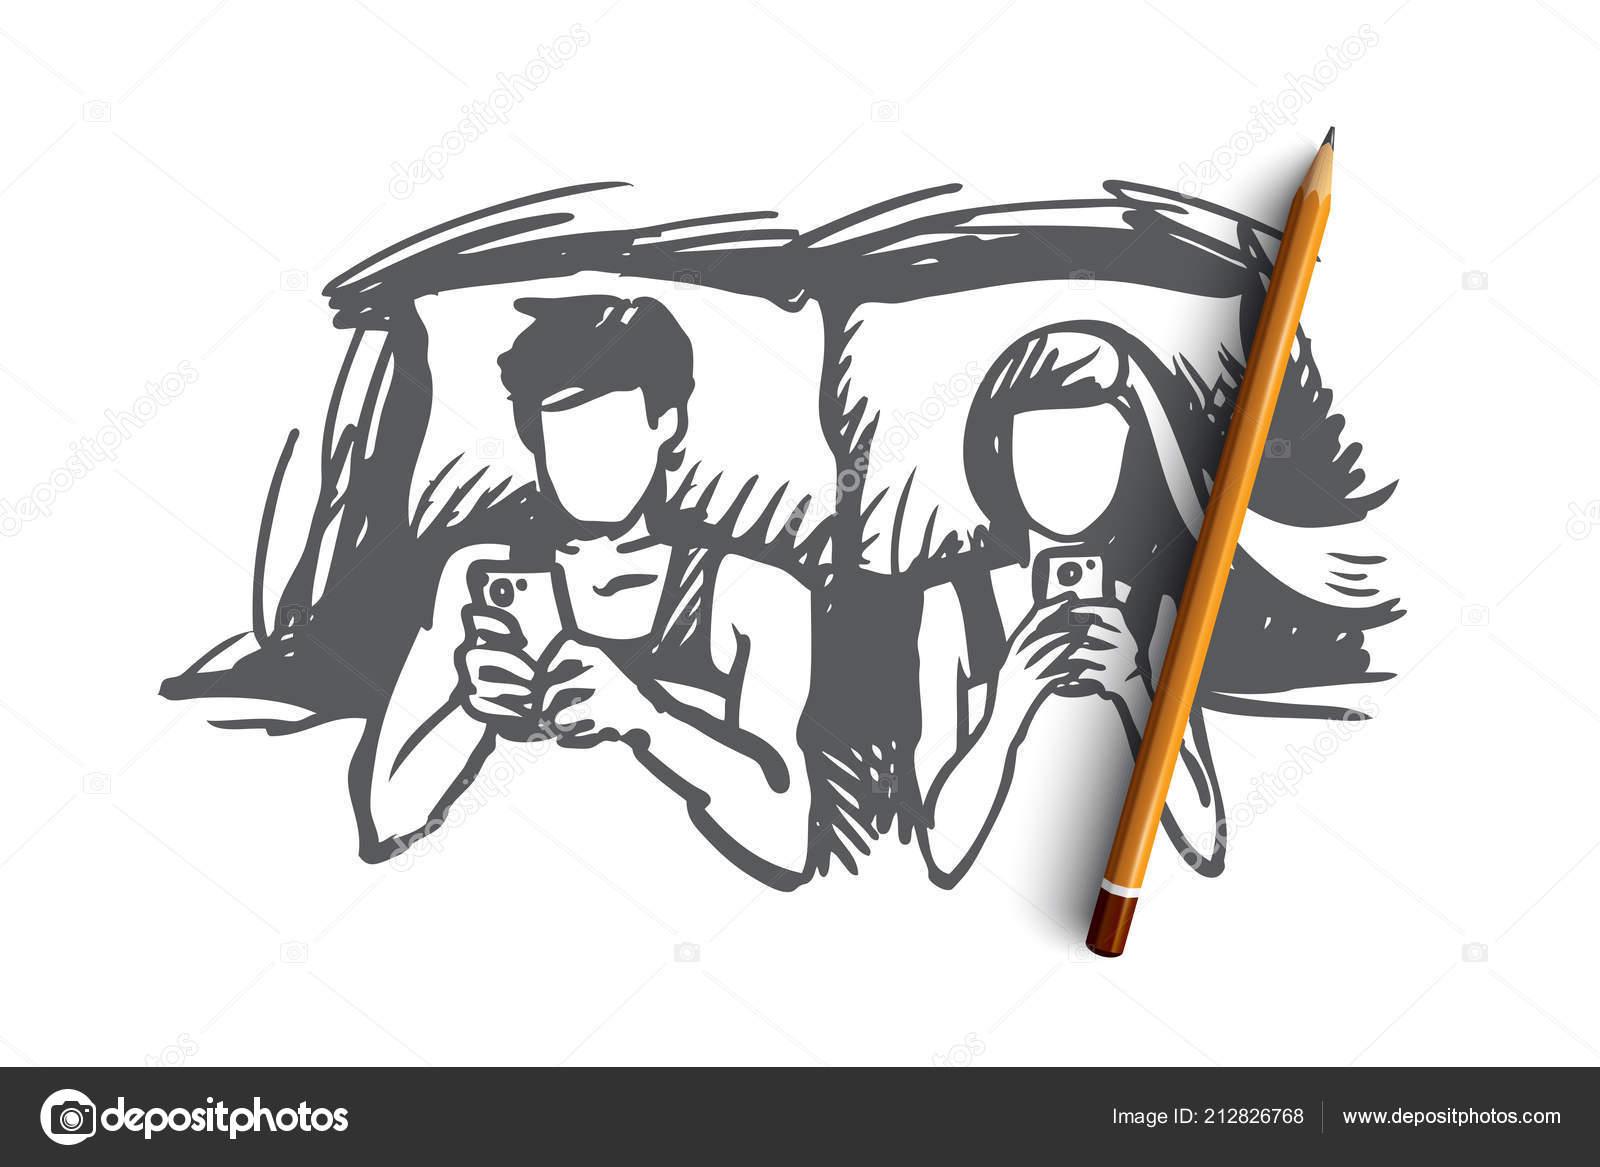 Paar Bett Smartphone Suchtig Konzept Hand Gezeichnet Isoliert